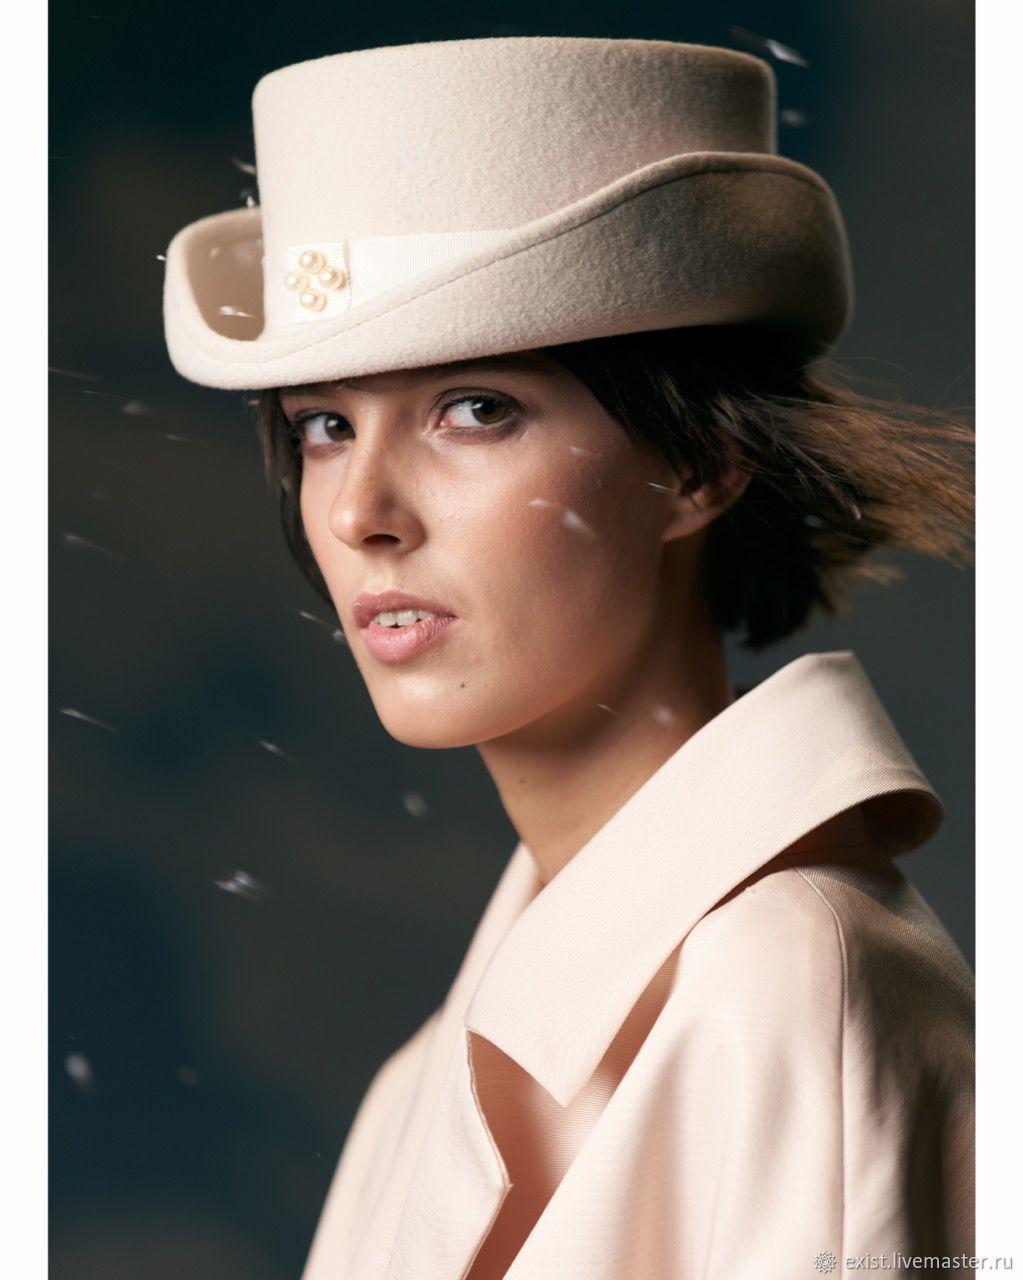 Шляпа Вивьен из велюра, Шляпы, Москва,  Фото №1